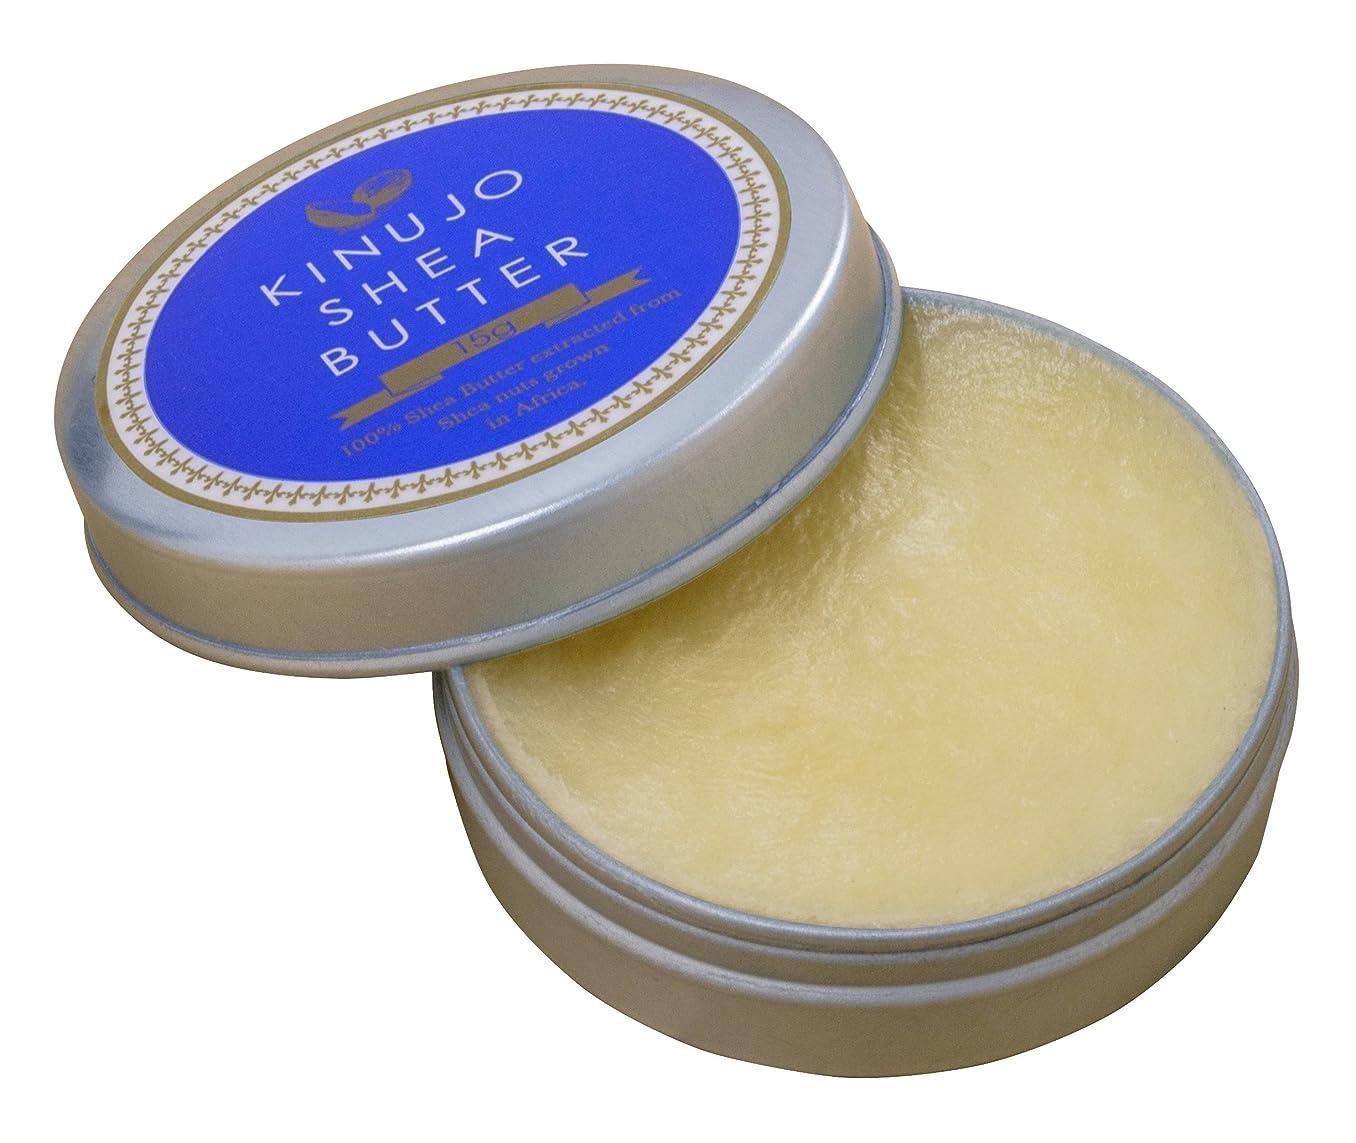 メロドラマティック肝かわすKINUJO SHEA BUTTER 15g(キヌージョシアバター)ガーナ産未精製100%天然由来?無添加?植物性